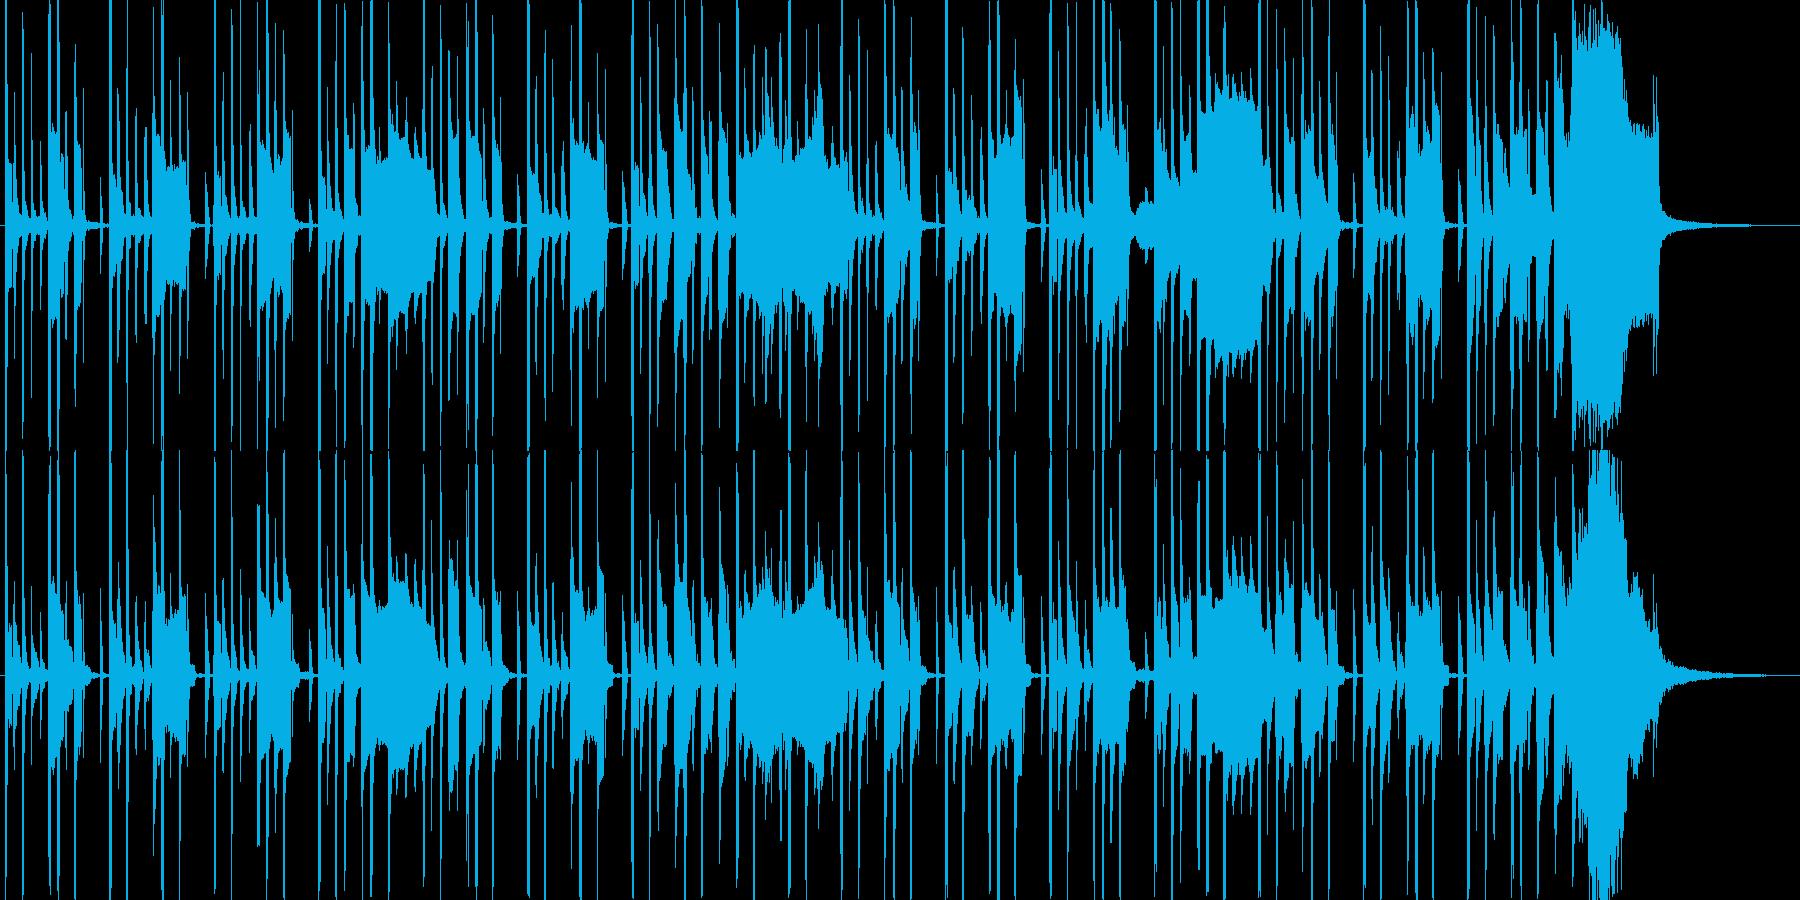 木琴とリコーダーのほのぼのBGMの再生済みの波形